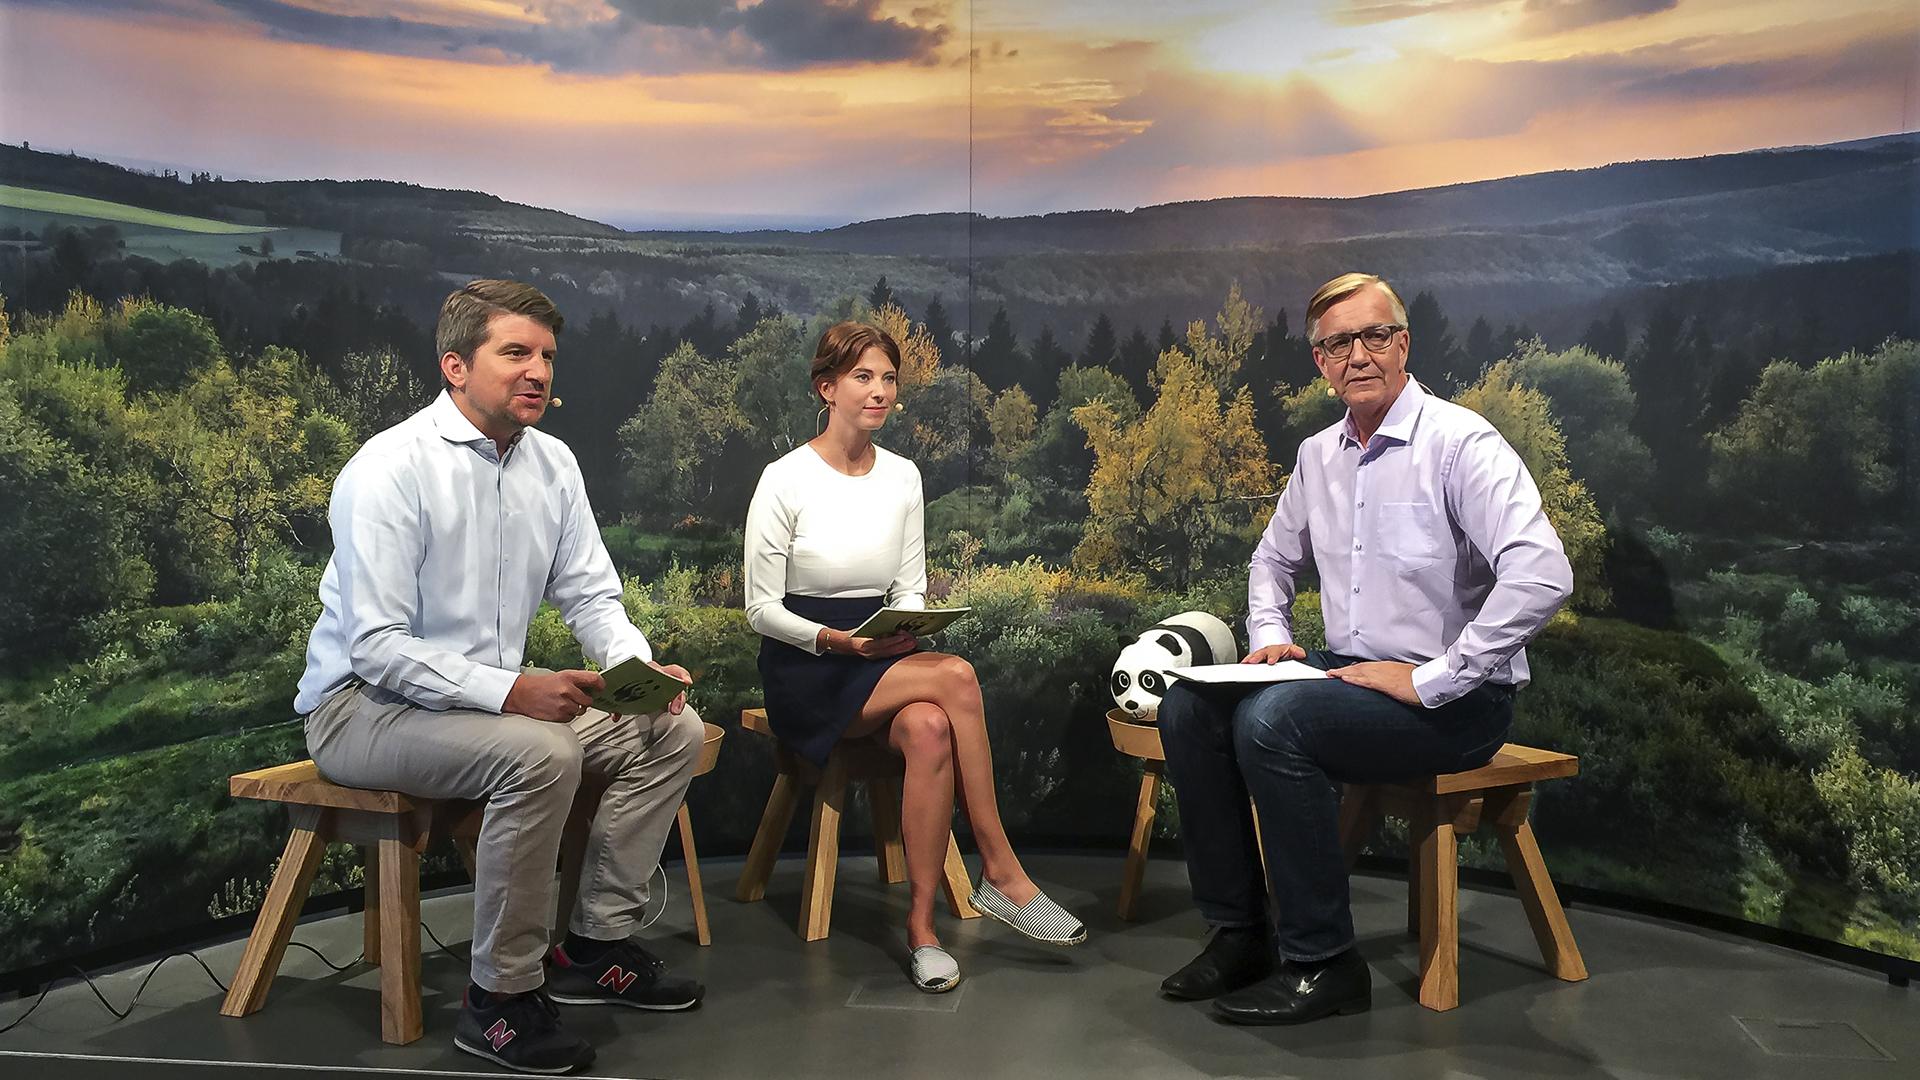 Dietmar Bartsch von Die Linke im Interview mit Marco Vollmar und Melanie Gömmel zur Bundestagswahl © WWF Deutschland